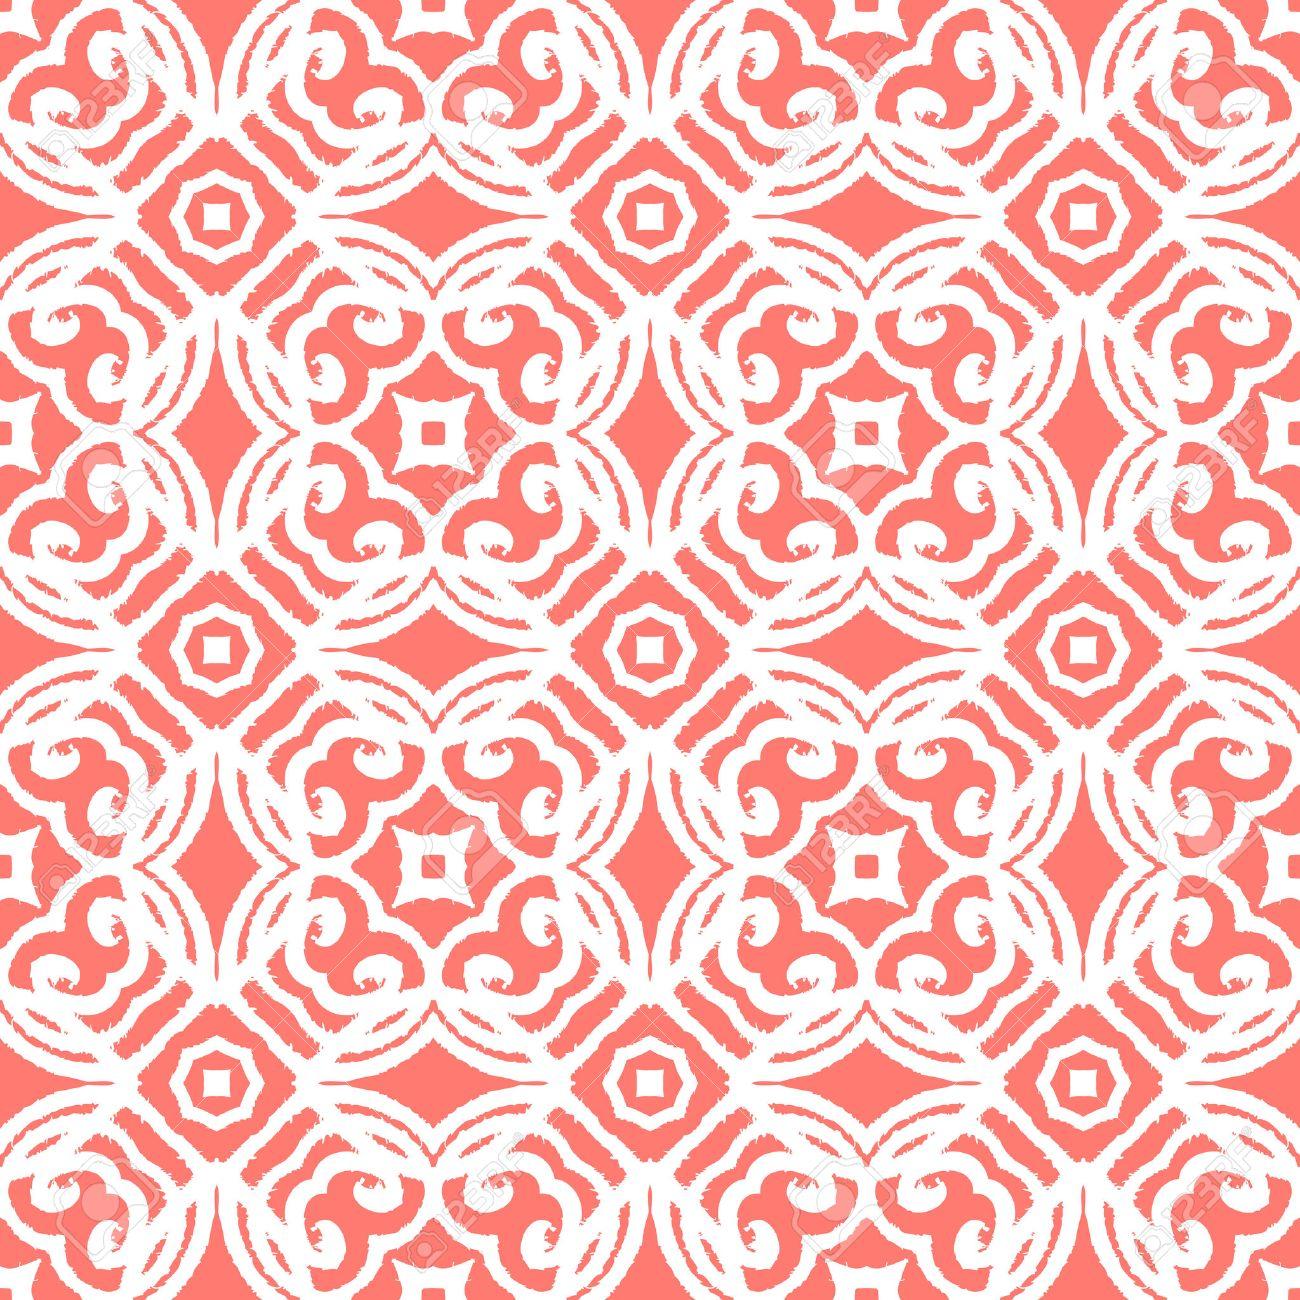 Vintage-Vektor-Art-Deco-Muster In Korallen Rot Und Weiß. Nahtlose ...